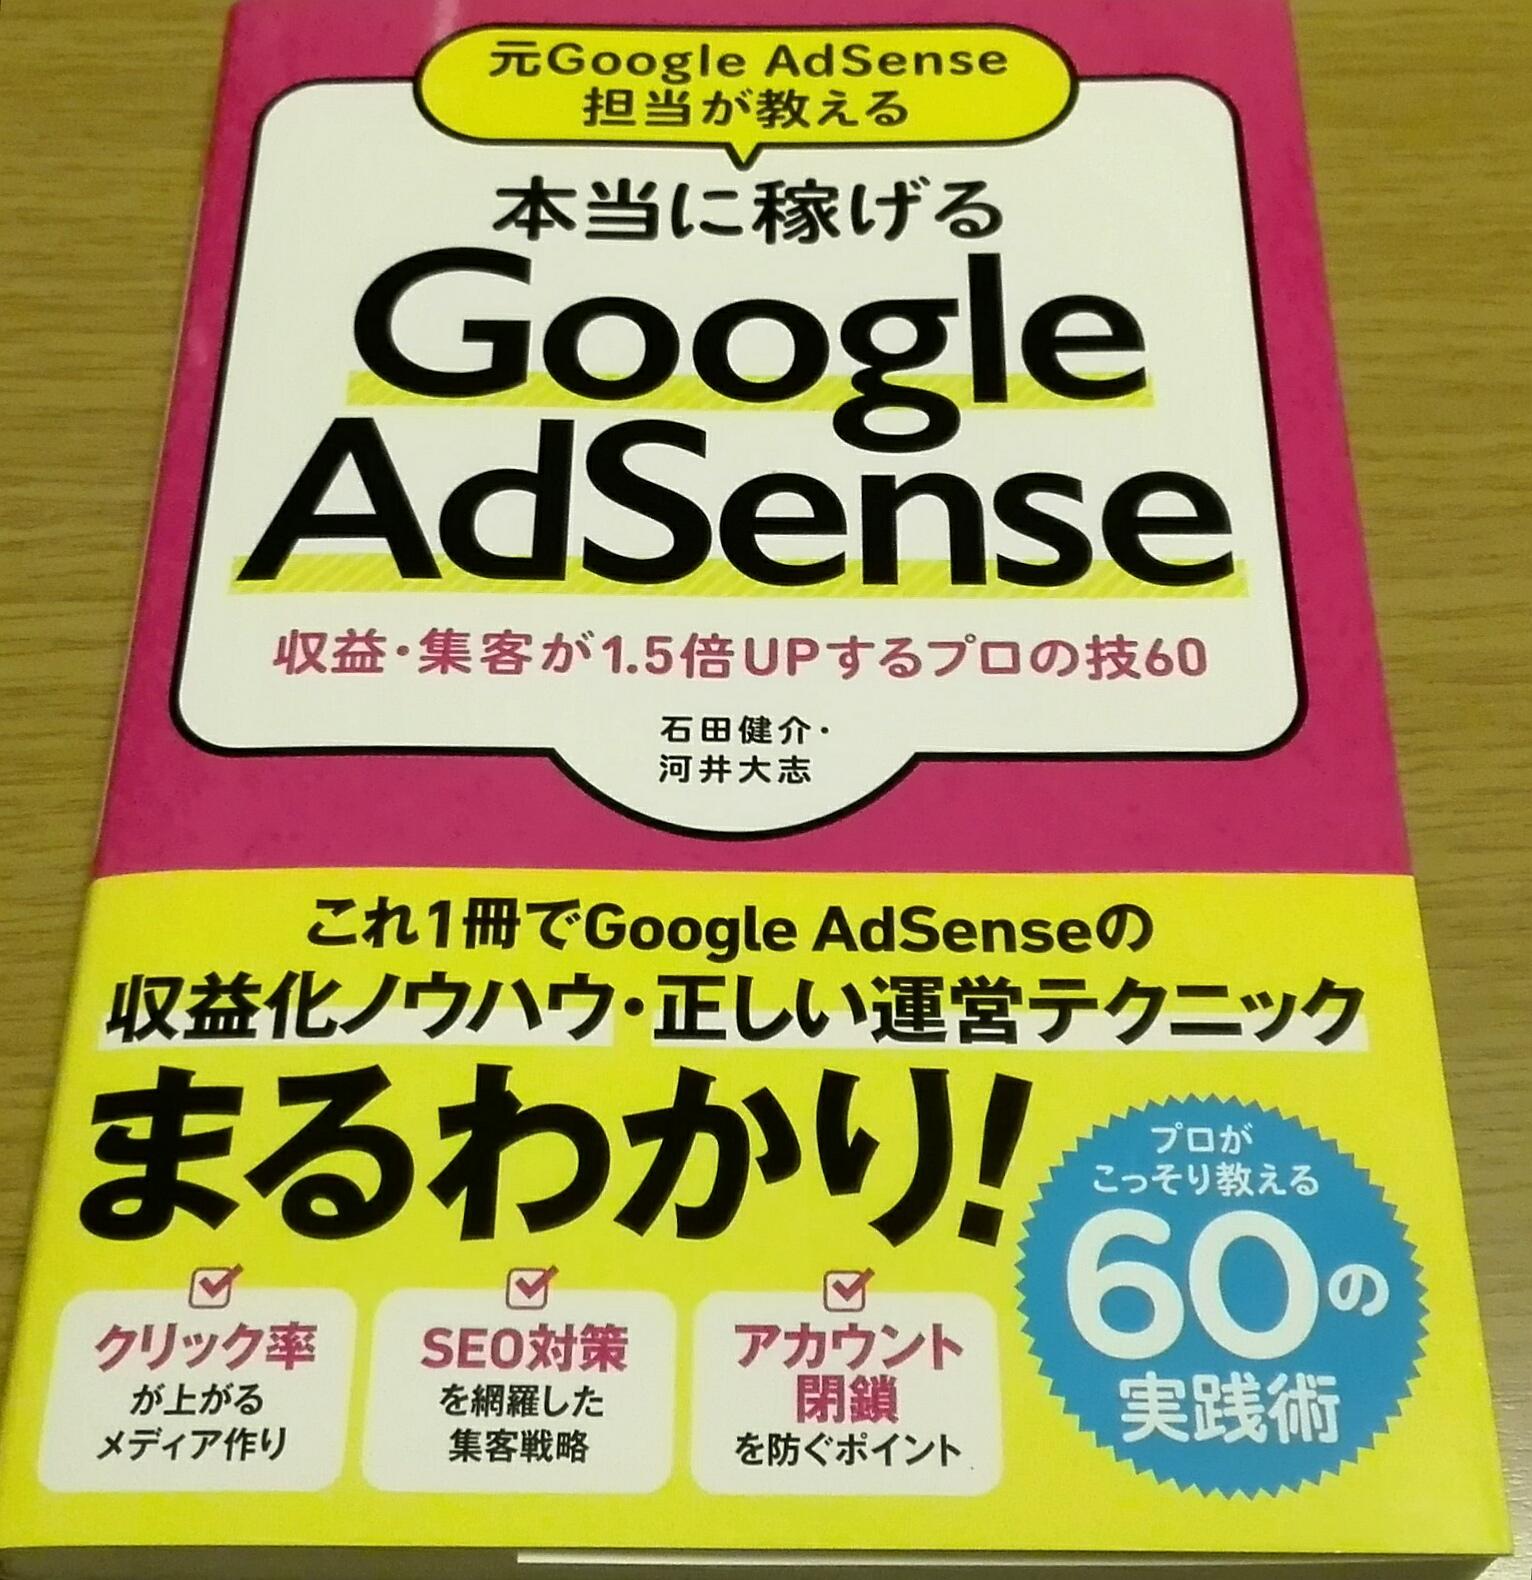 元Google AdSense担当が教える 本当に稼げるGoogleAdSense